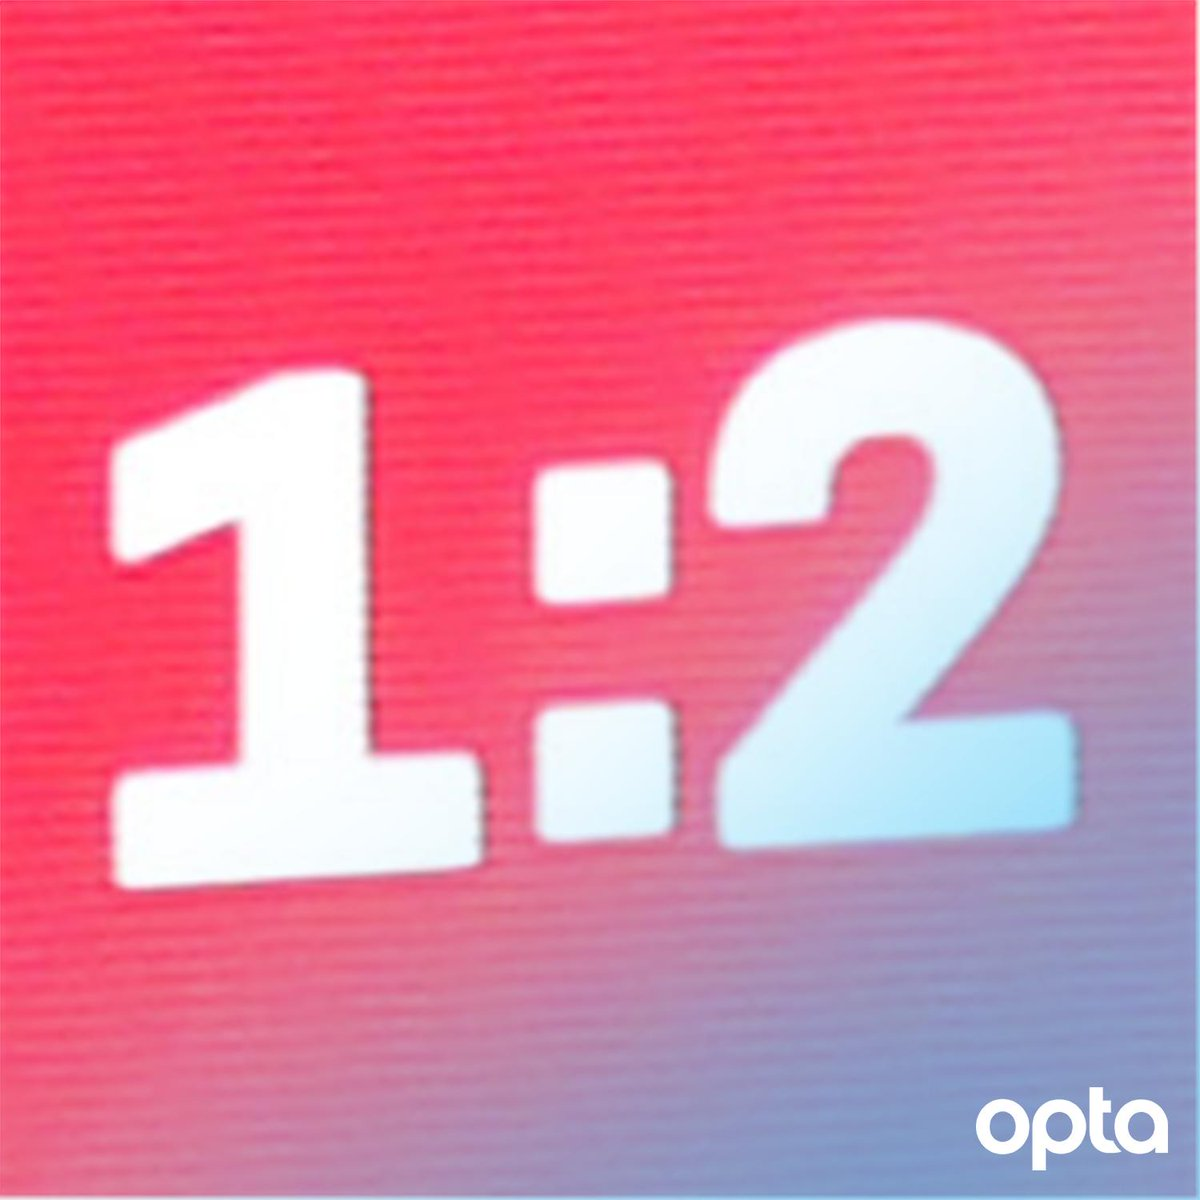 在家也闹心!历史首次,德甲单轮比赛中主队均未赢球